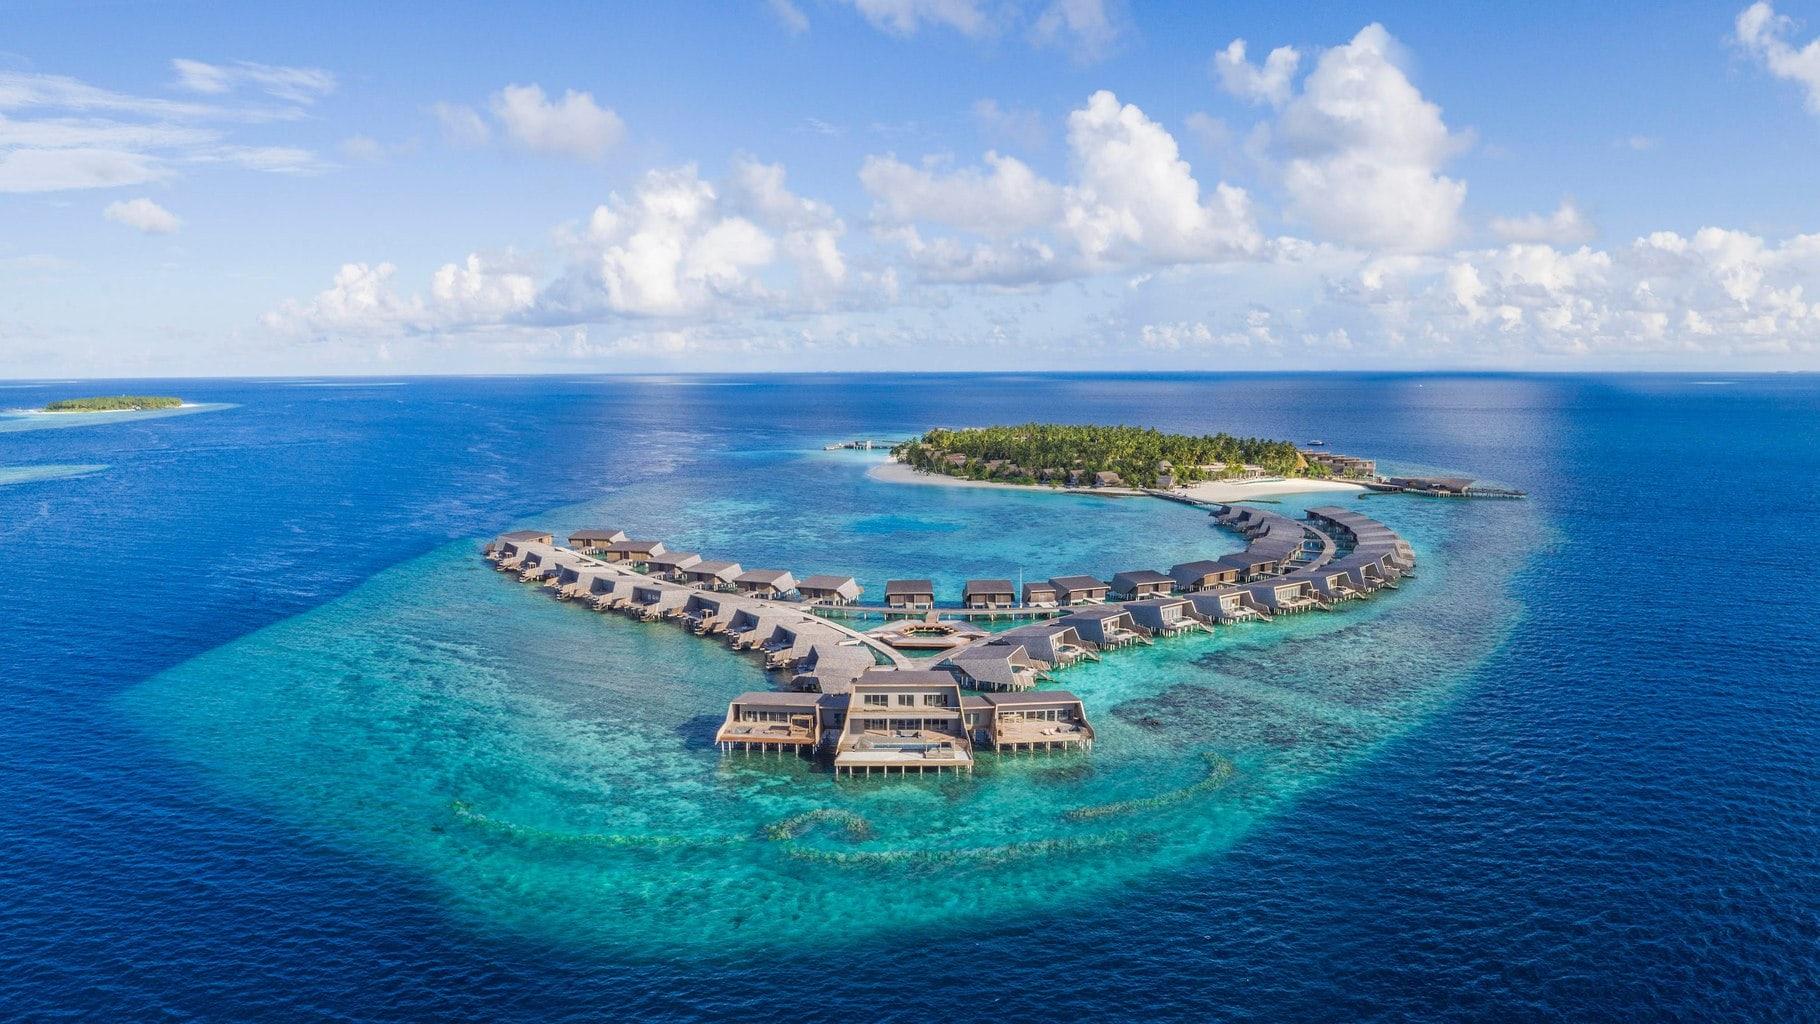 Drone shot of St Regis Maldives Vommuli Resort